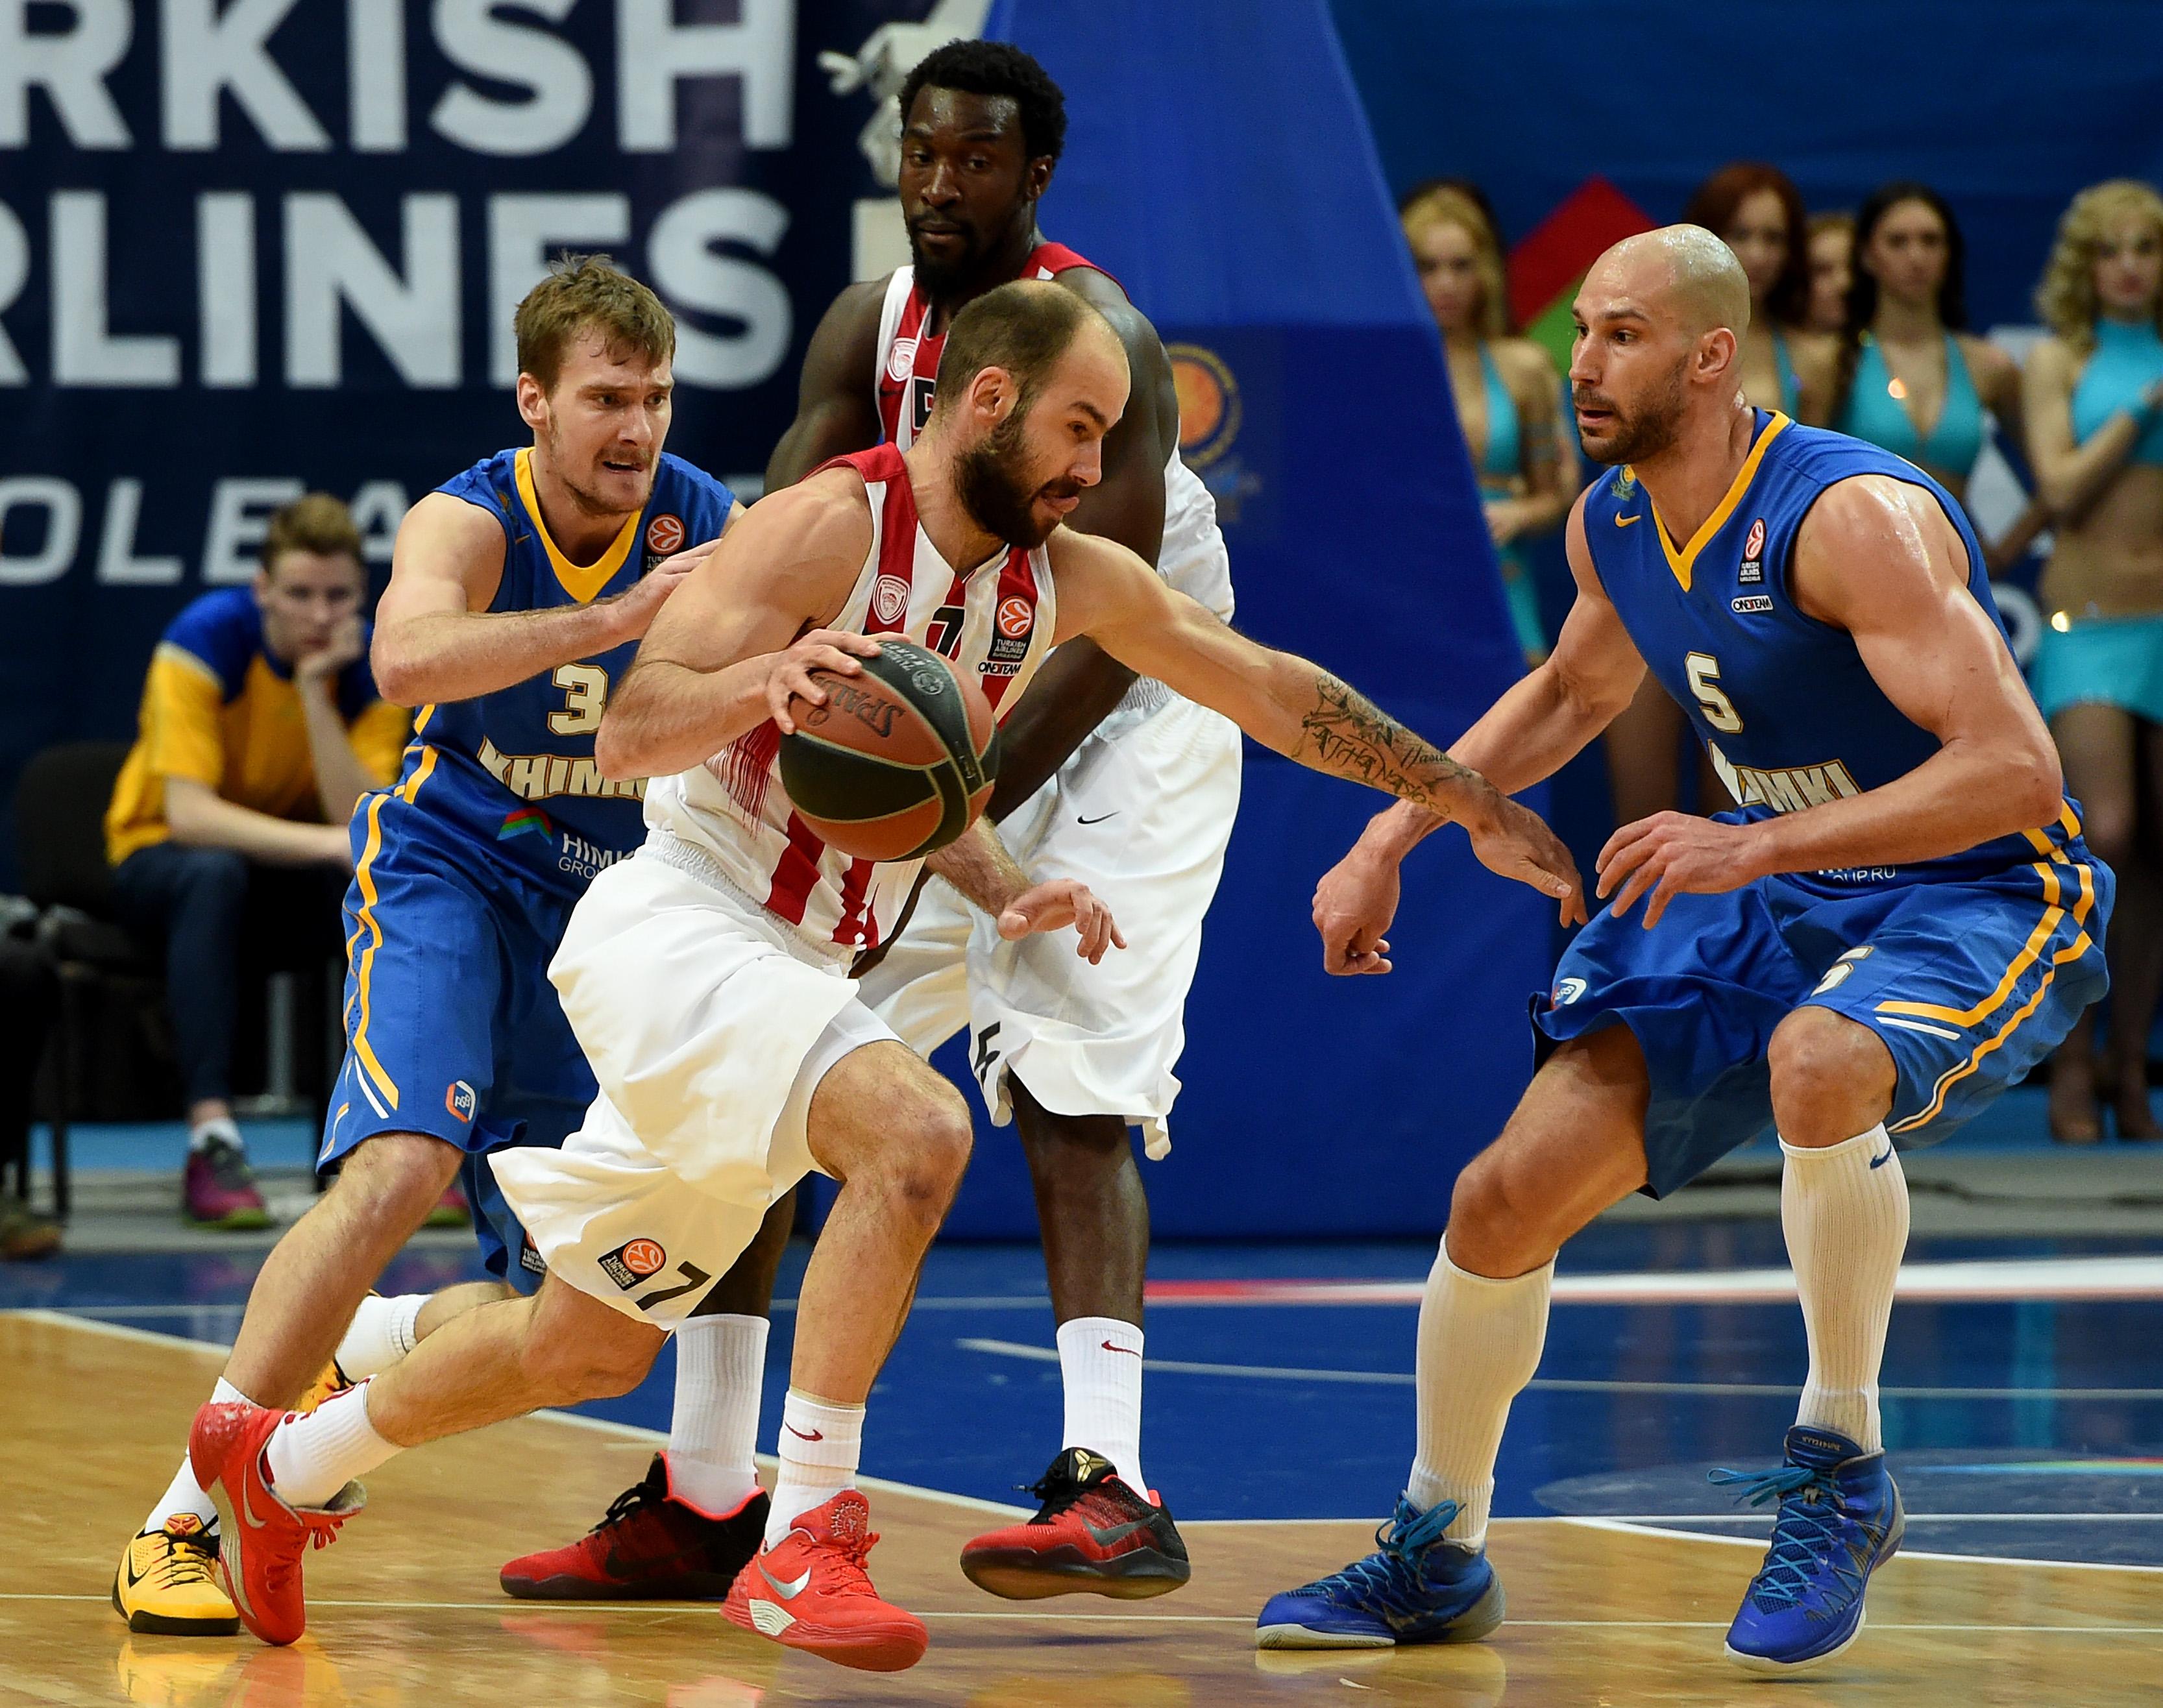 Vassilis Spanoulis impegnato nella gara contro il Khimki di settimana scorsa